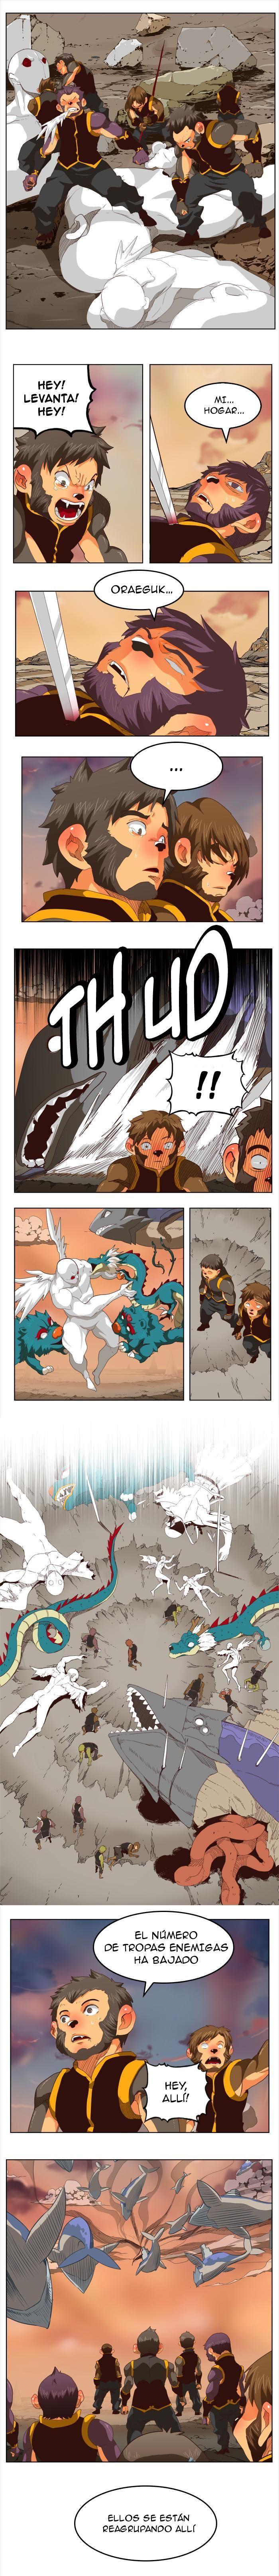 http://c5.ninemanga.com/es_manga/pic2/37/485/512116/349bef440fe0f30faaf62d048ae5ff20.jpg Page 6